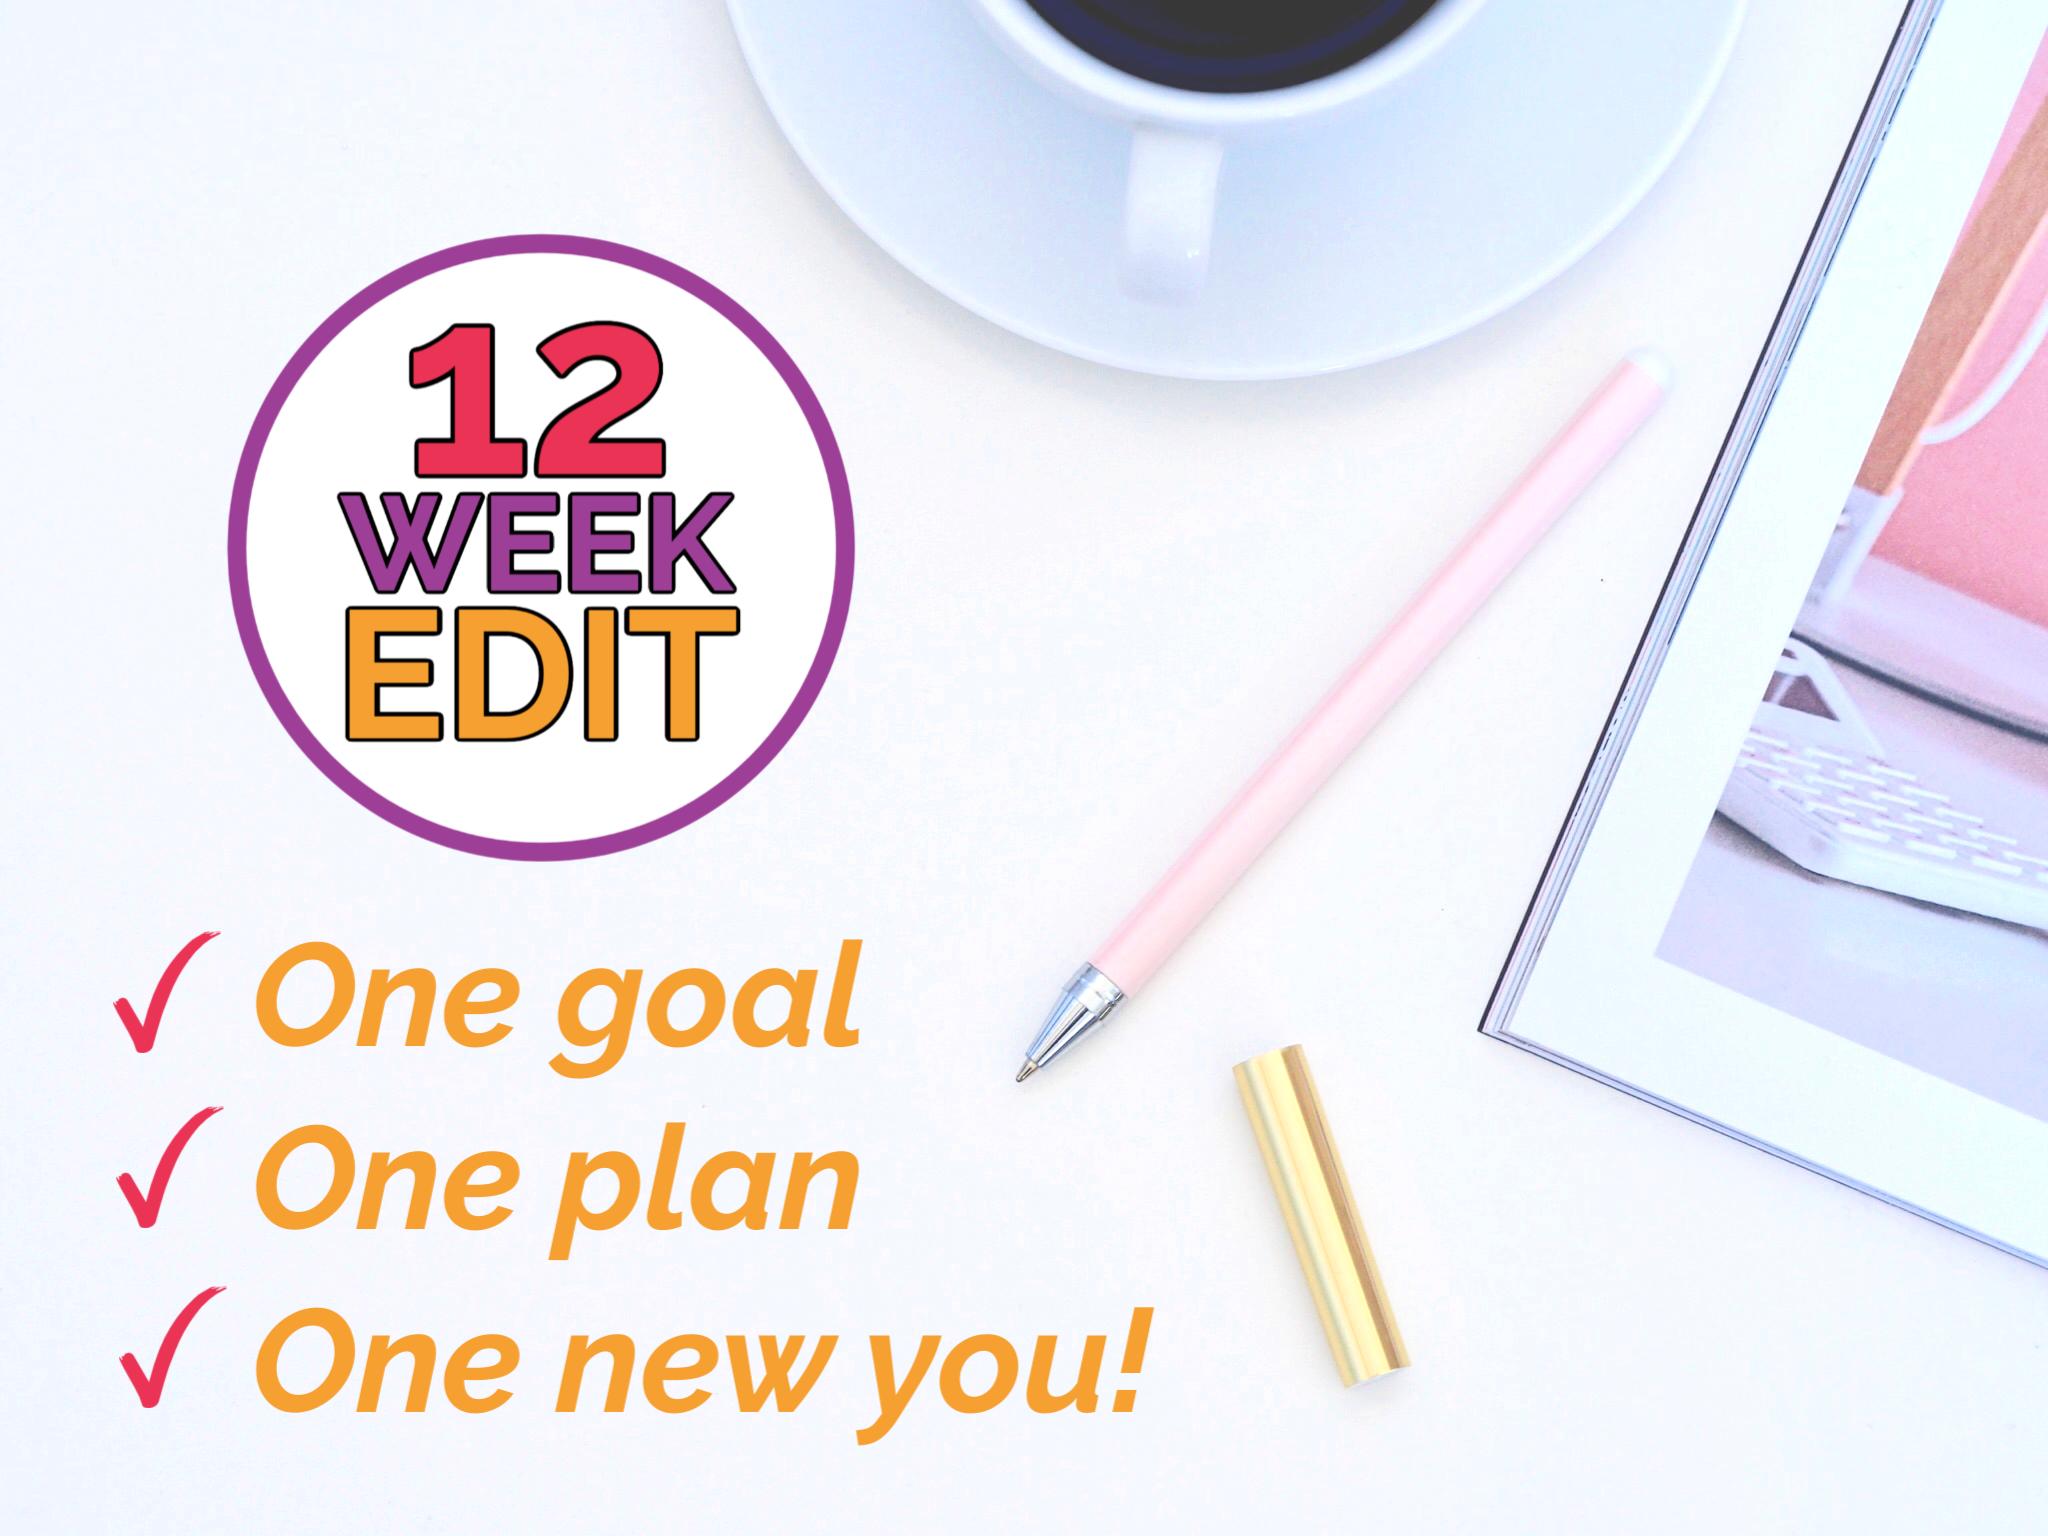 12-Week-Edit-banner